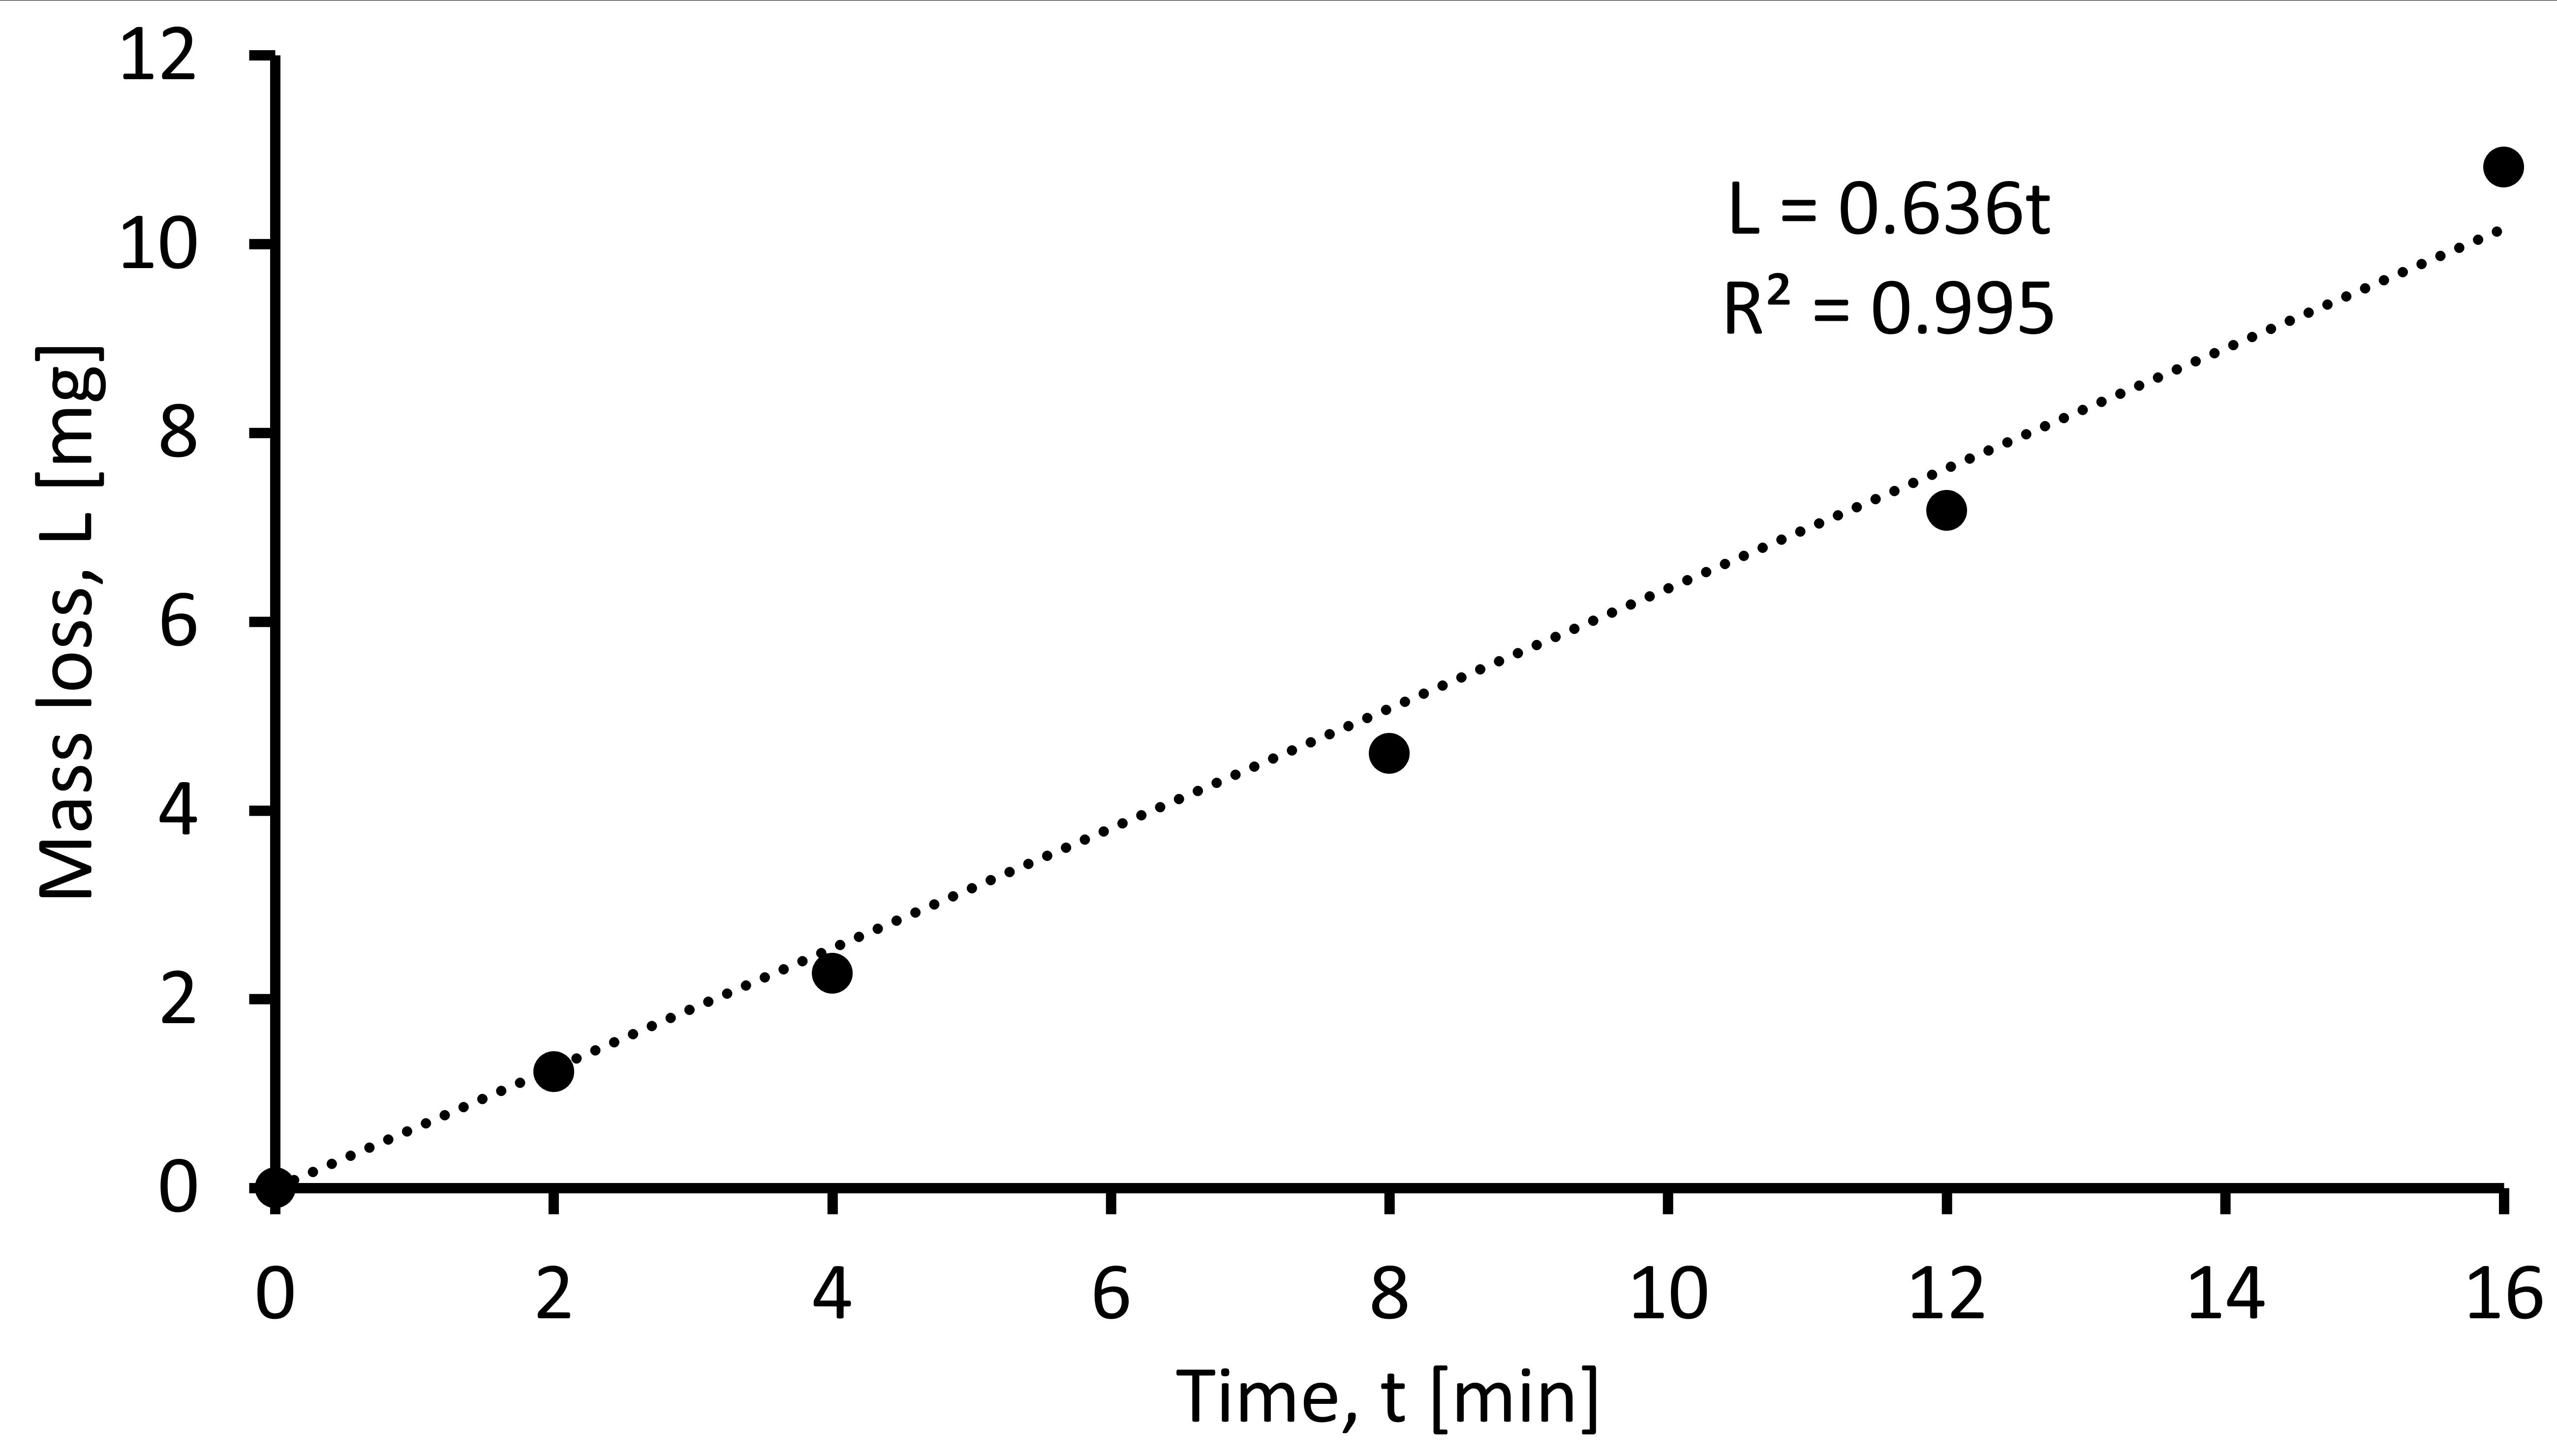 對于G76測試,質量損失隨測試時間的典型演變。 氧化鋁和1020型鋼分別用作腐蝕試樣和目標試樣。